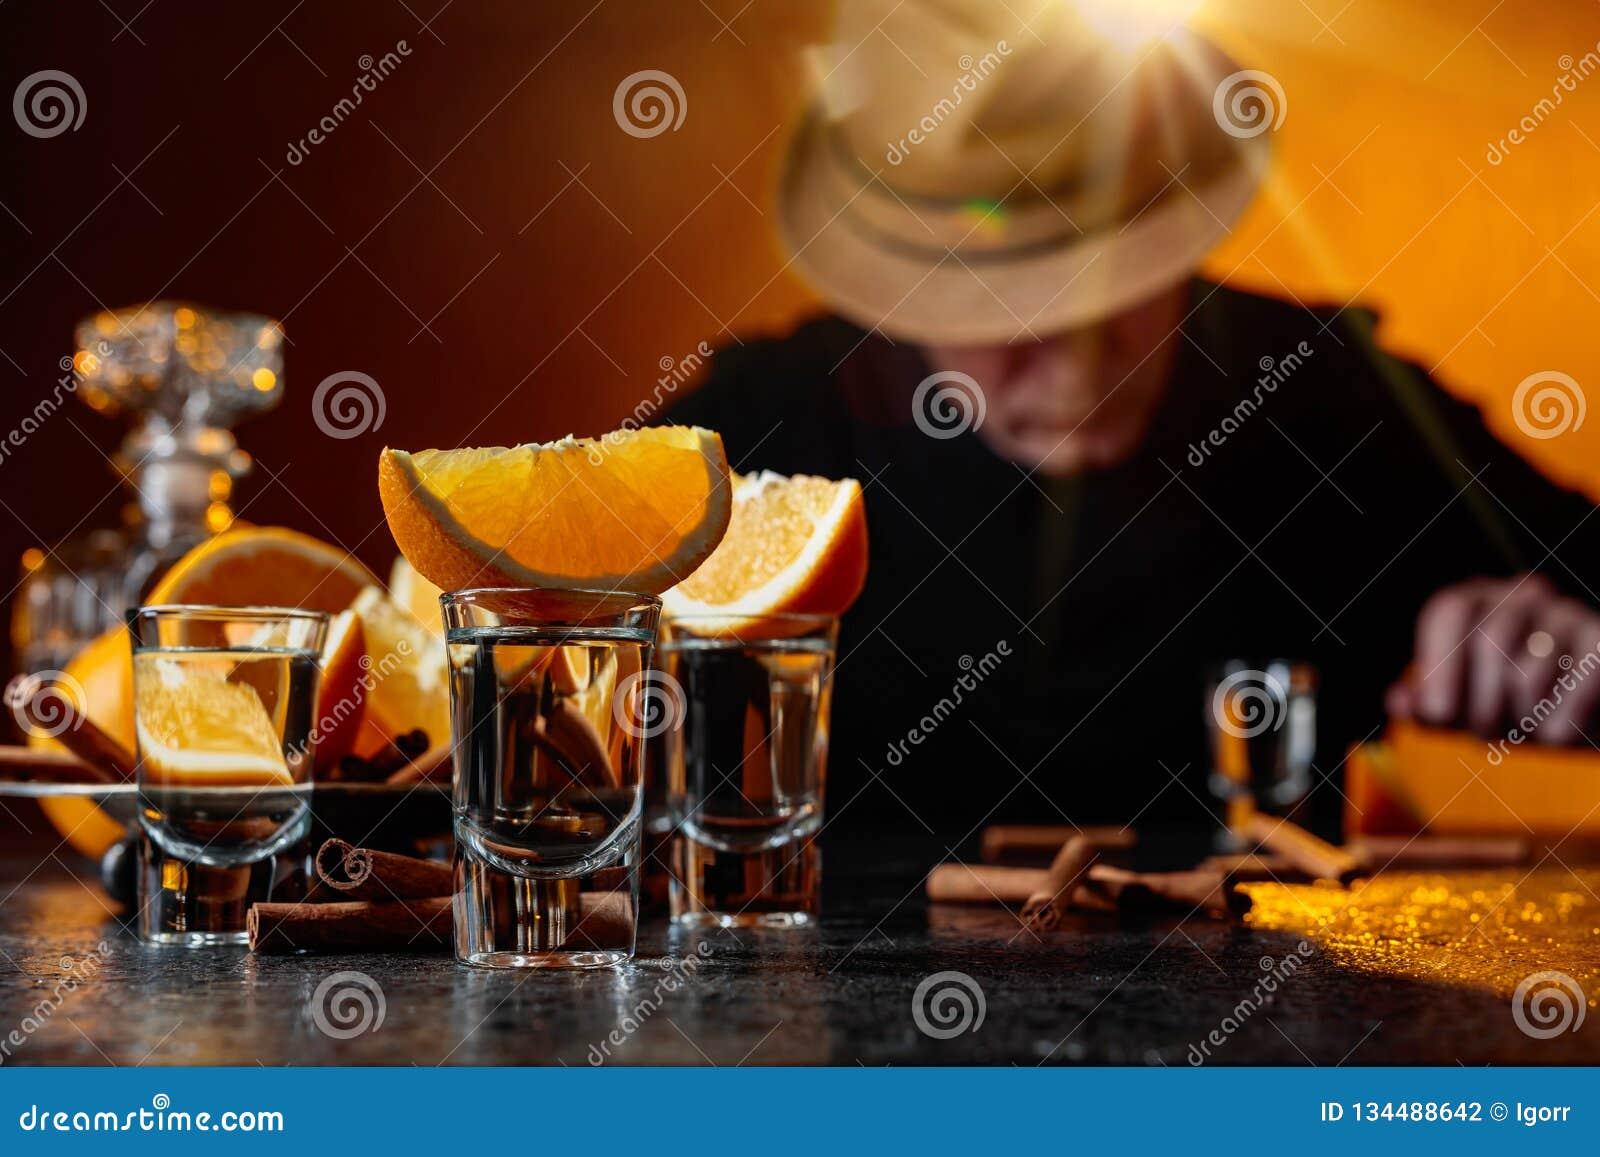 Стекла текила с ручками апельсина и циннамона на таблице в баре